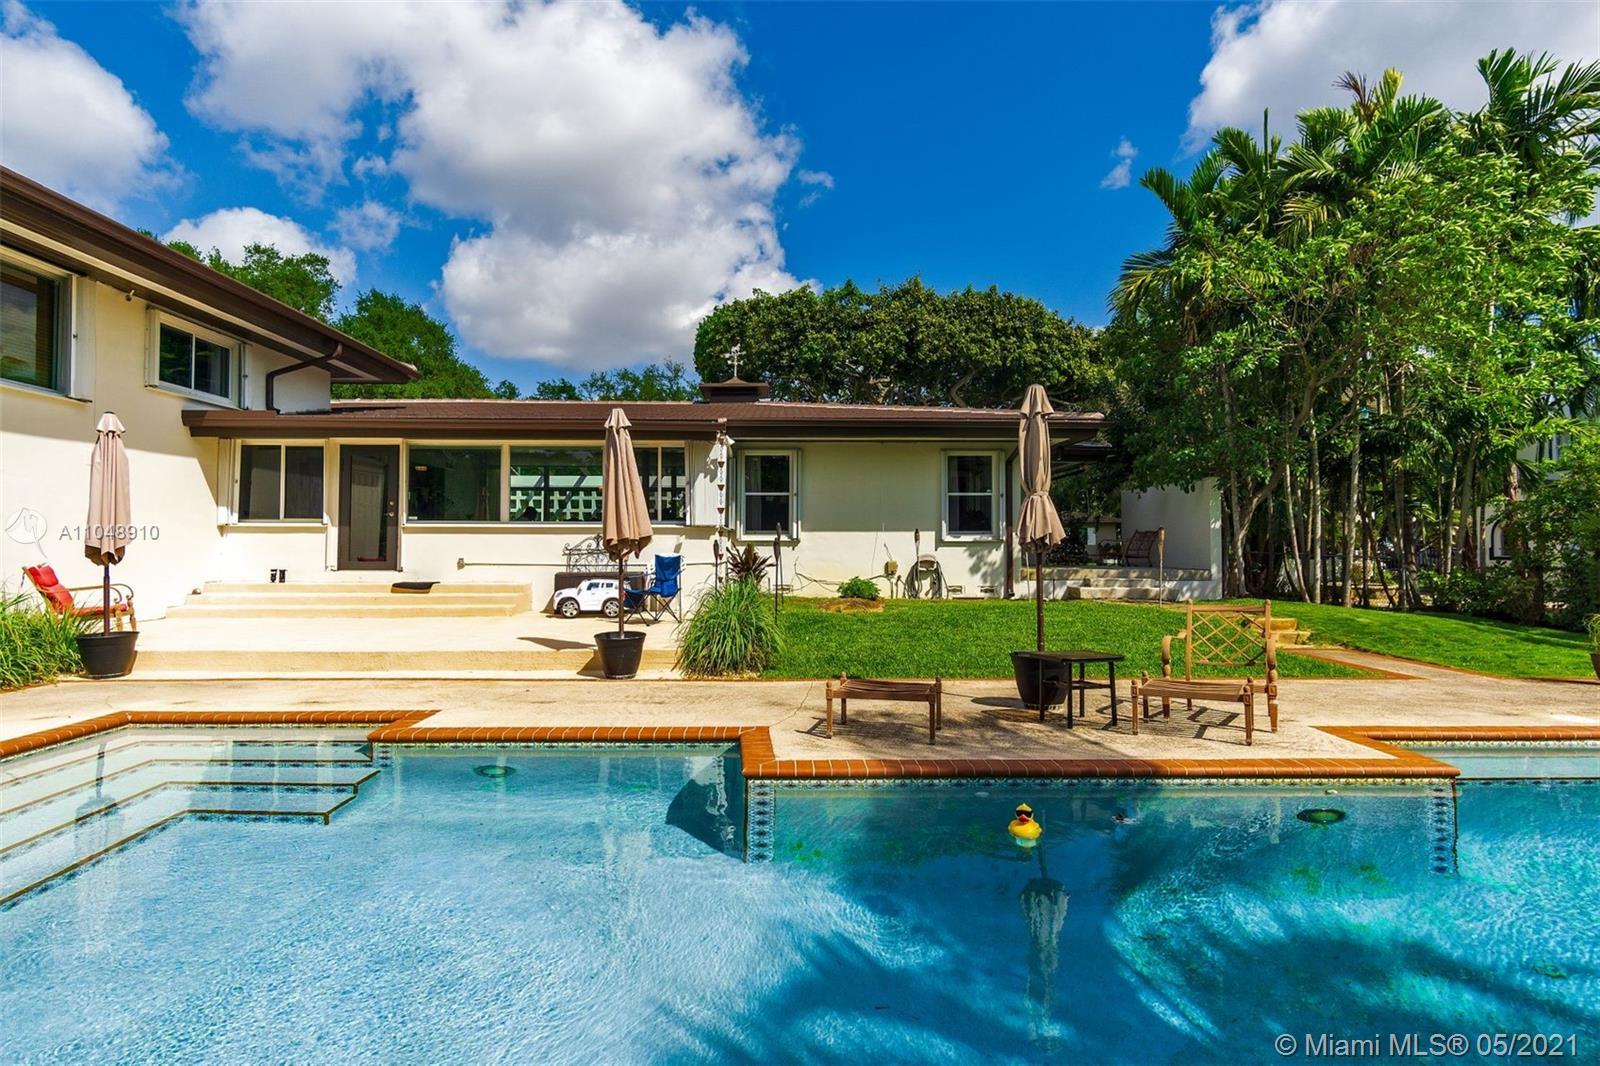 Miami Shores - 340 NE 94th St, Miami Shores, FL 33138